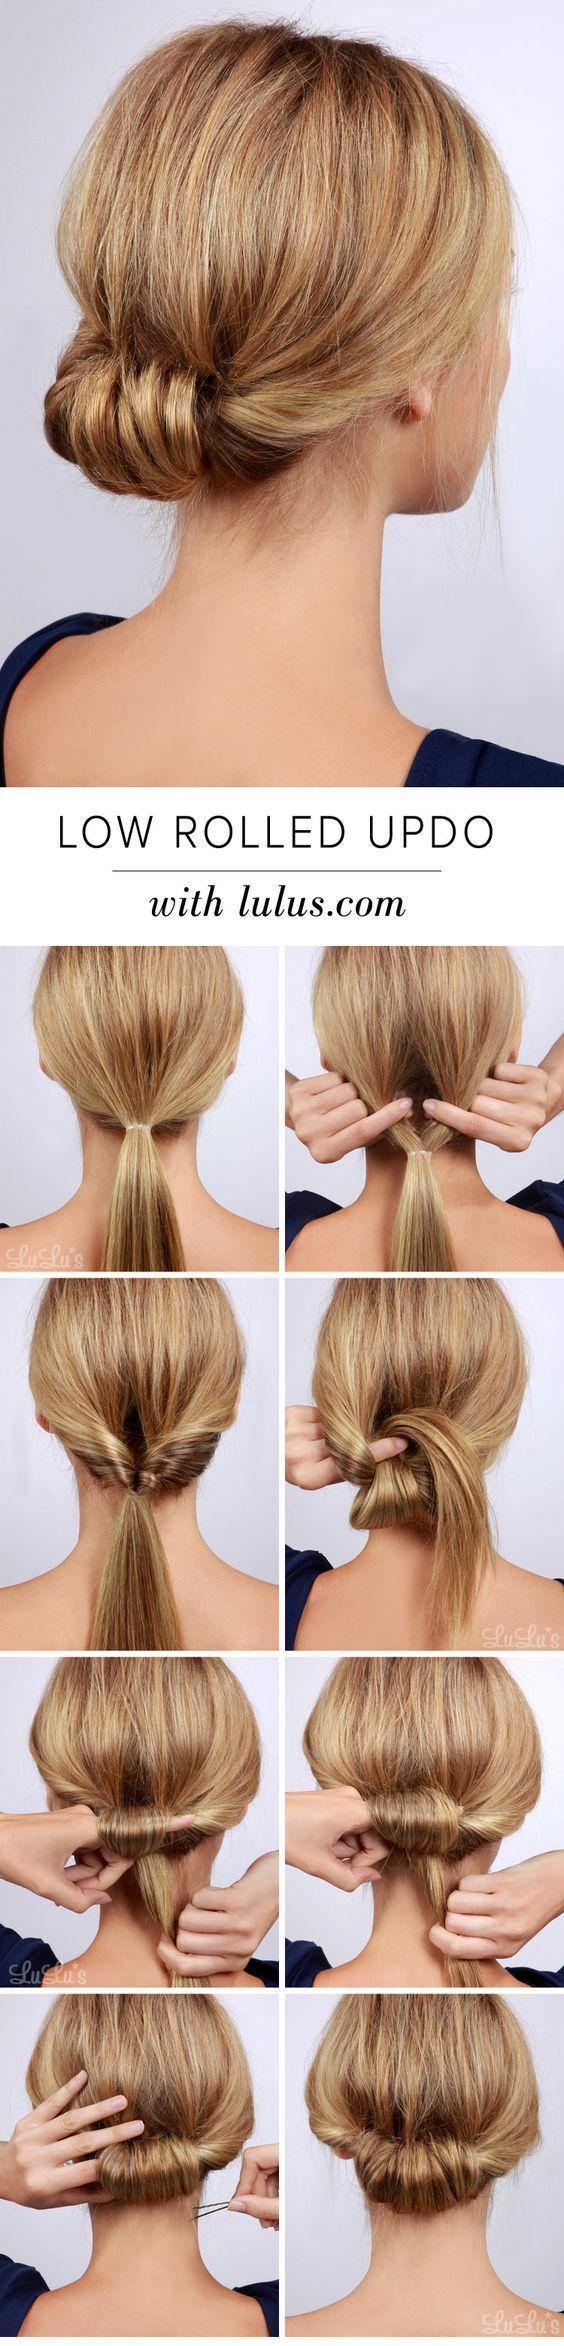 11 Einfache Schritt für Schritt Anleitung für Fortgeschrittene // Anfänger #Einfach # für #Haar #hairtutorials